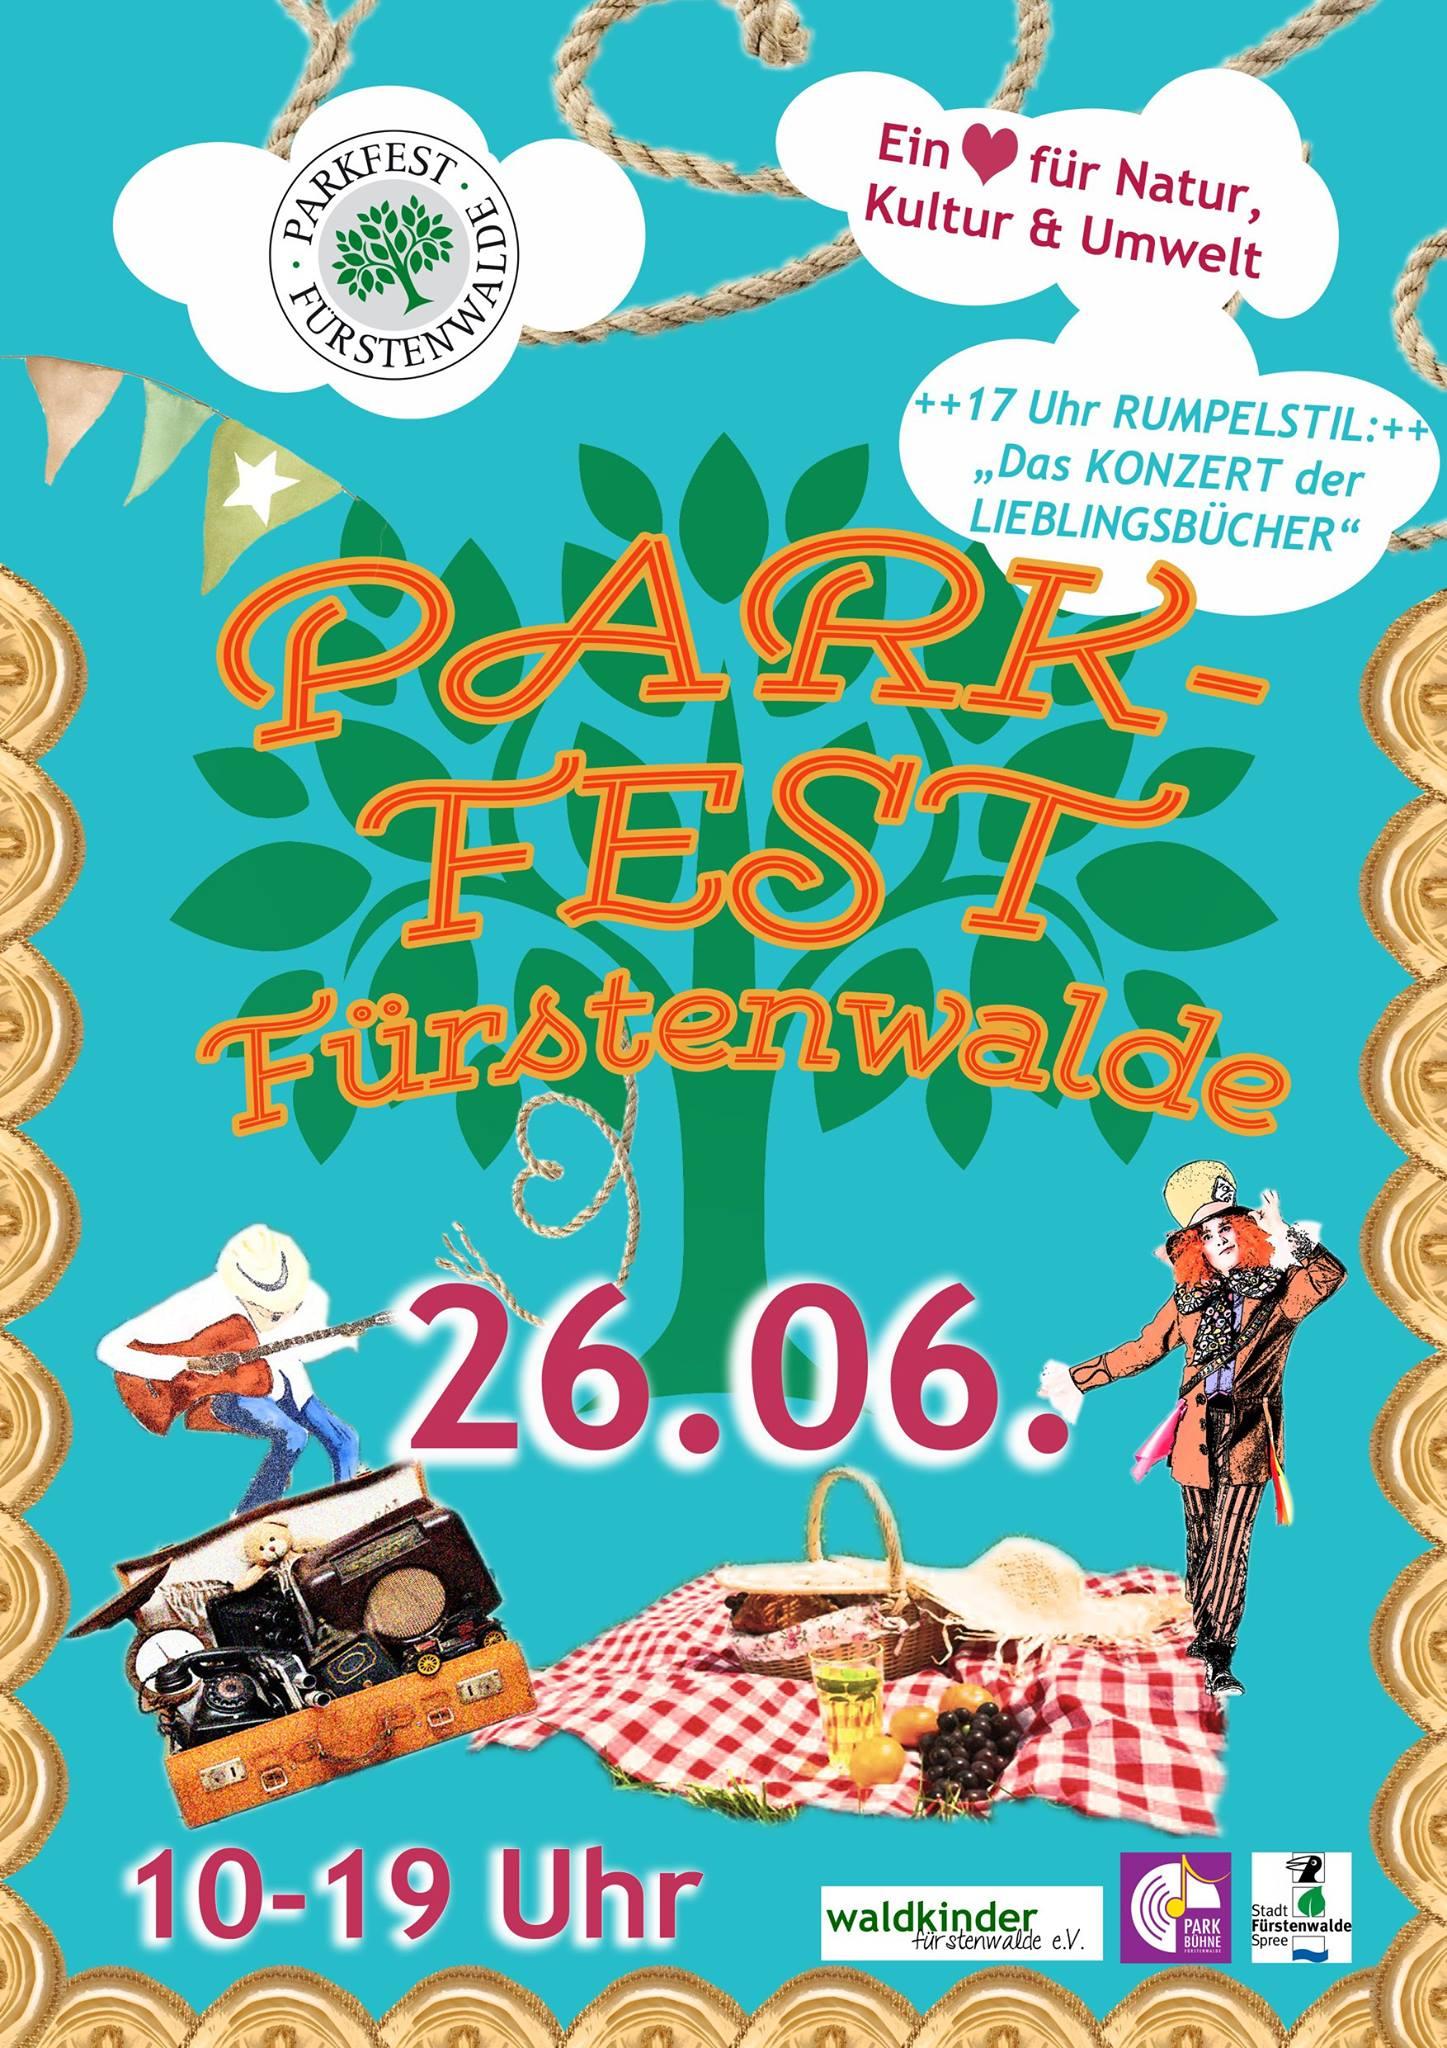 Parkfest Fürstenwalde am 26.06.2016 von 10-19 Uhr